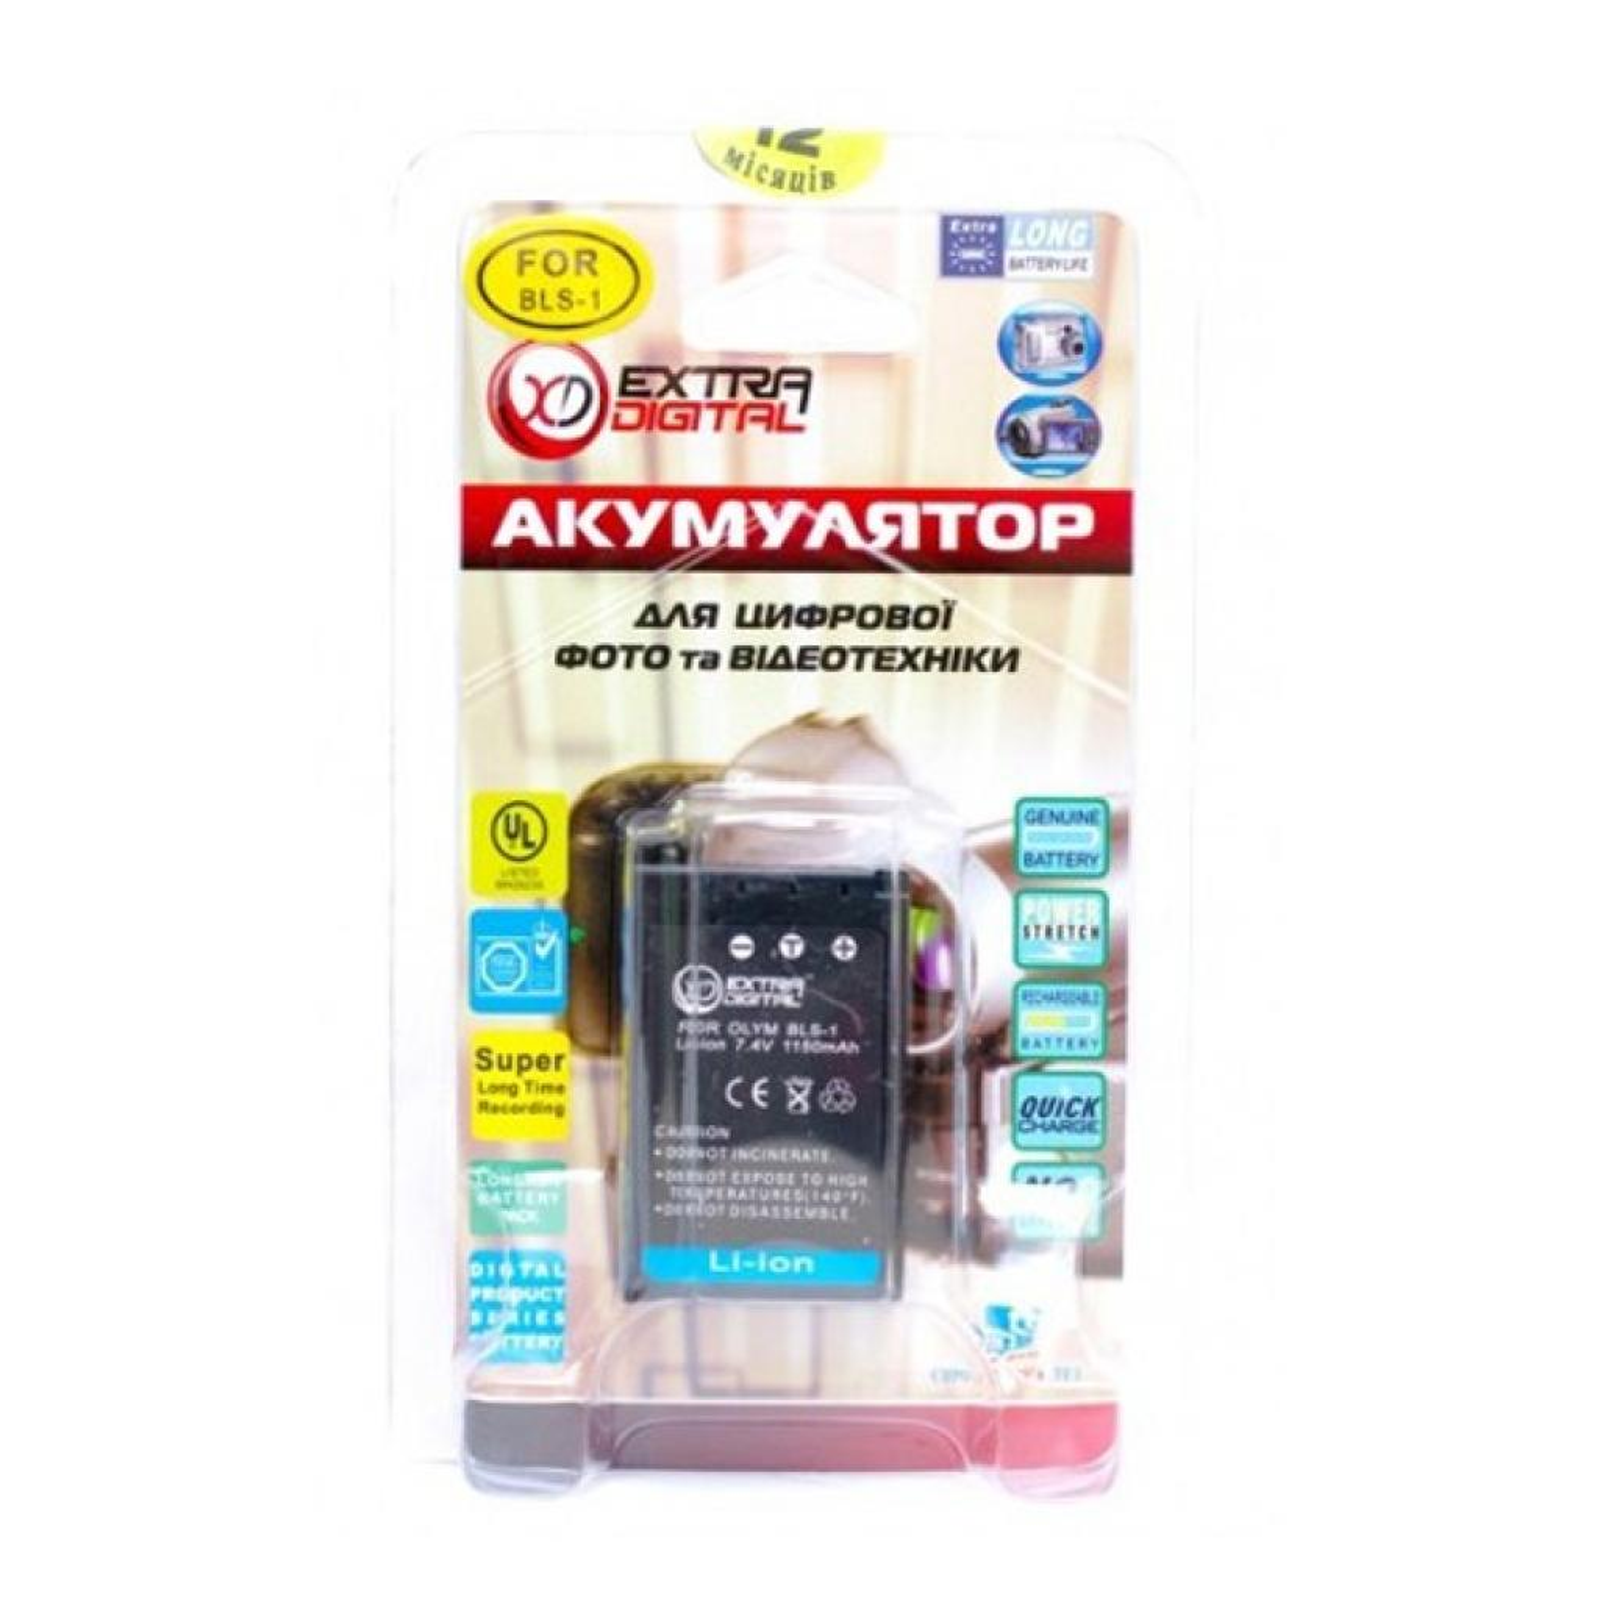 Аккумулятор к фото/видео EXTRADIGITAL Olympus PS-BLS1 (DV00DV1193) изображение 3